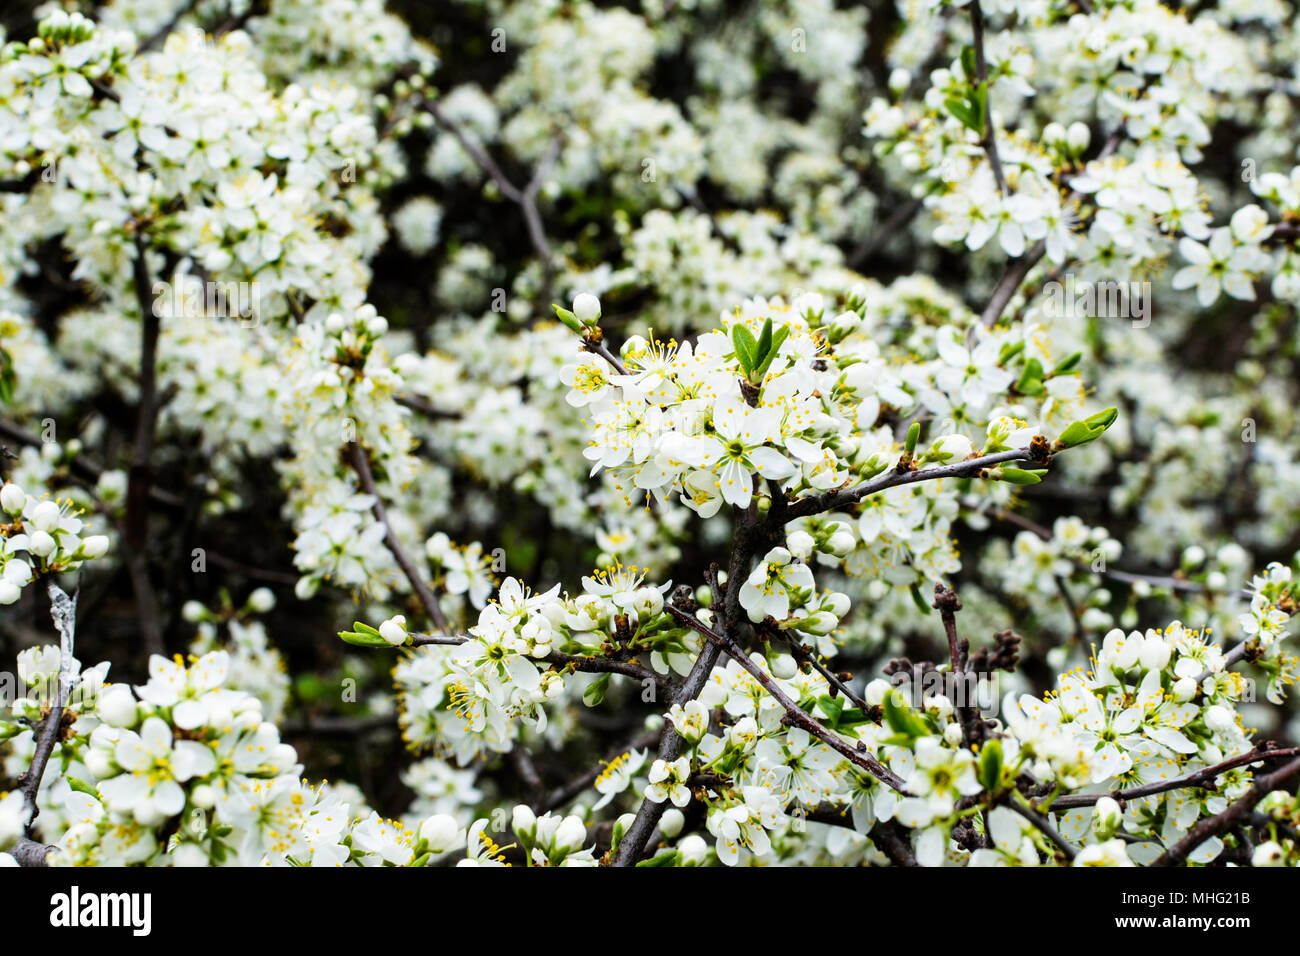 Albero Con Fiori Bianchi fioritura di fioritura o albero di mele con fiori bianchi in